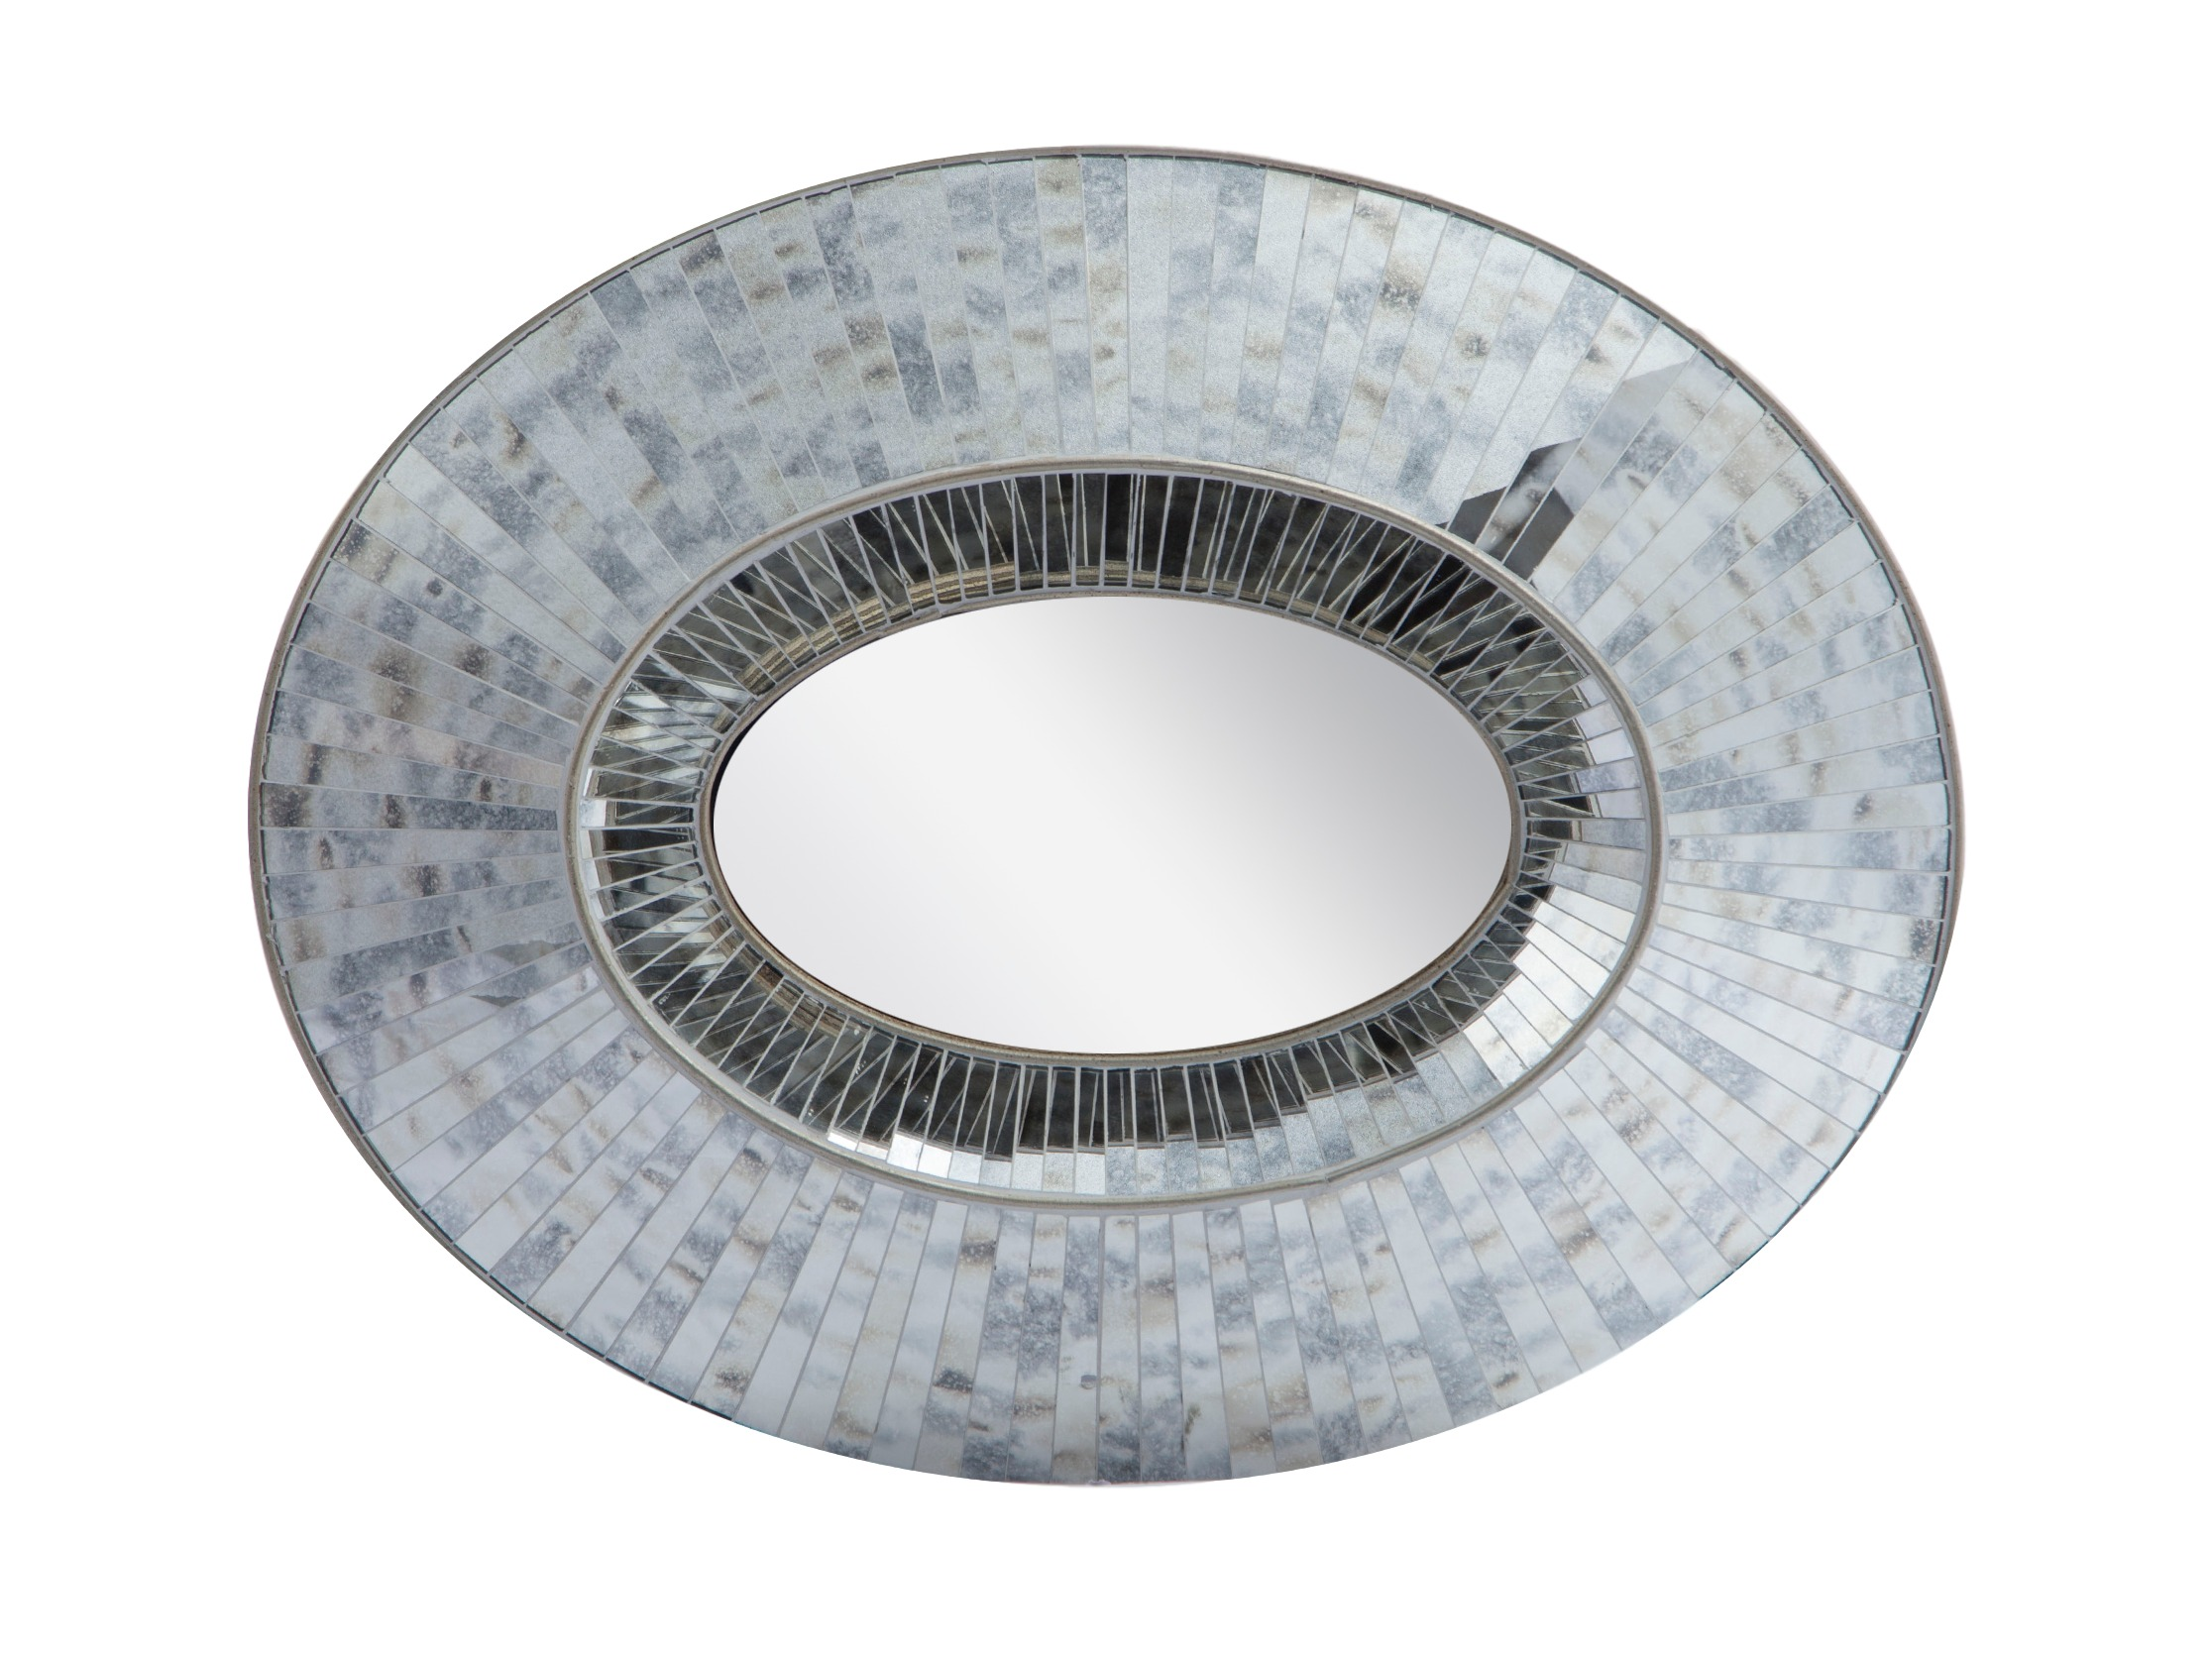 ЗеркалоНастенные зеркала<br>Зеркало в круглой раме,декорированное зеркальными вставками.<br><br>Material: Дерево<br>Ширина см: 100<br>Высота см: 86<br>Глубина см: 10.0